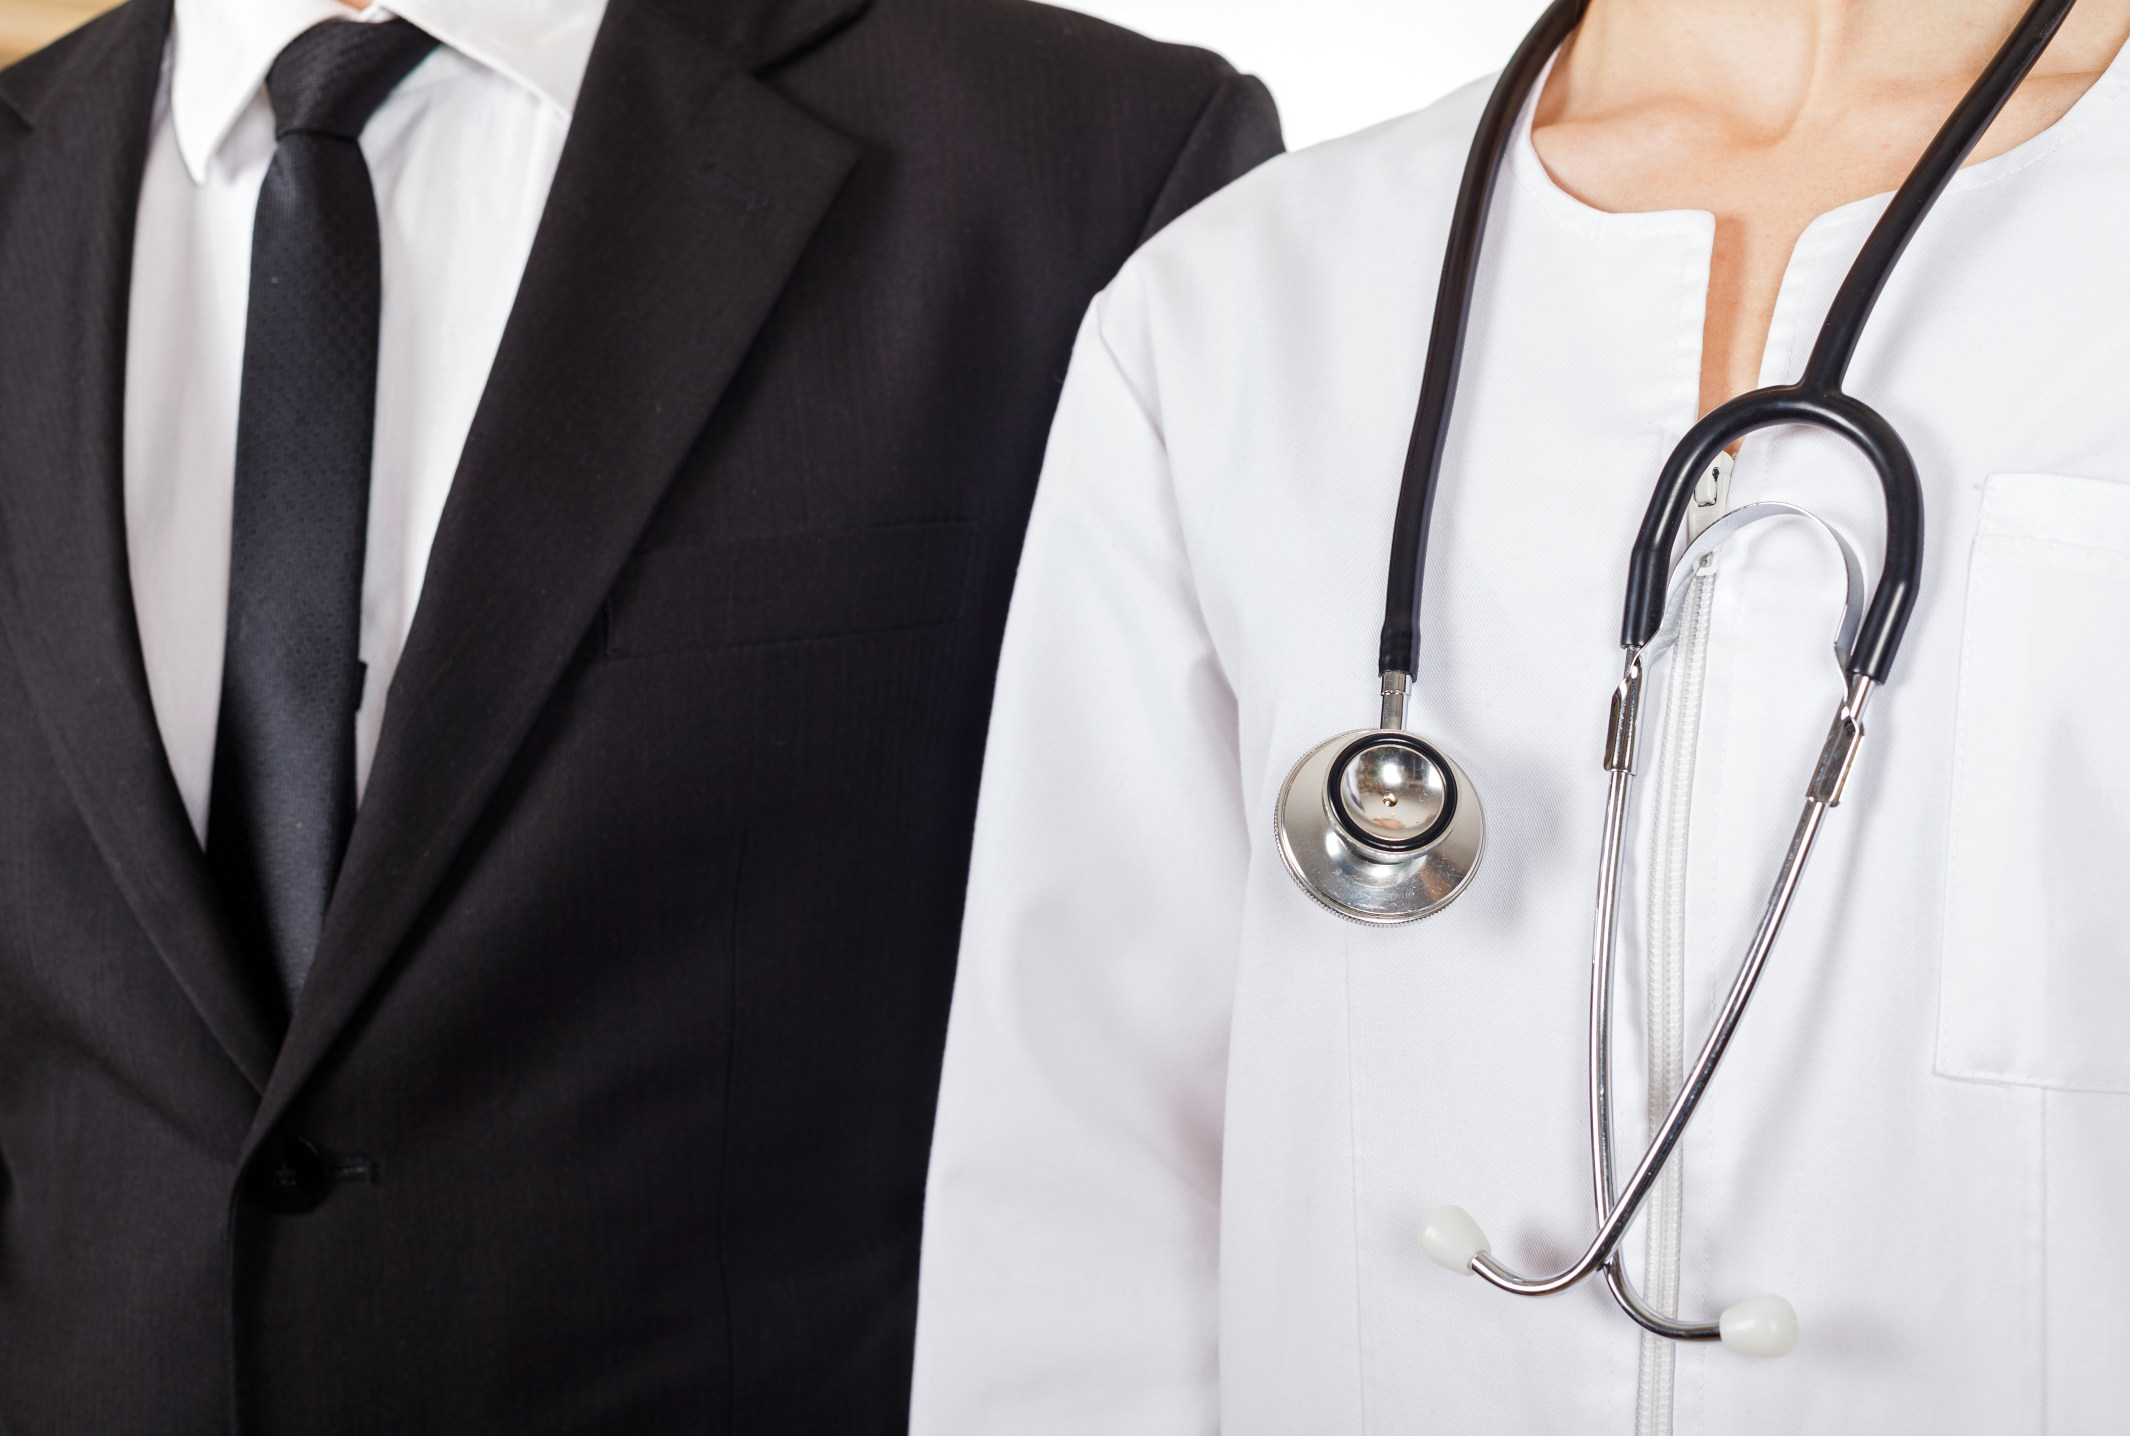 Признание частных клиник пострадавшими от коронавируса